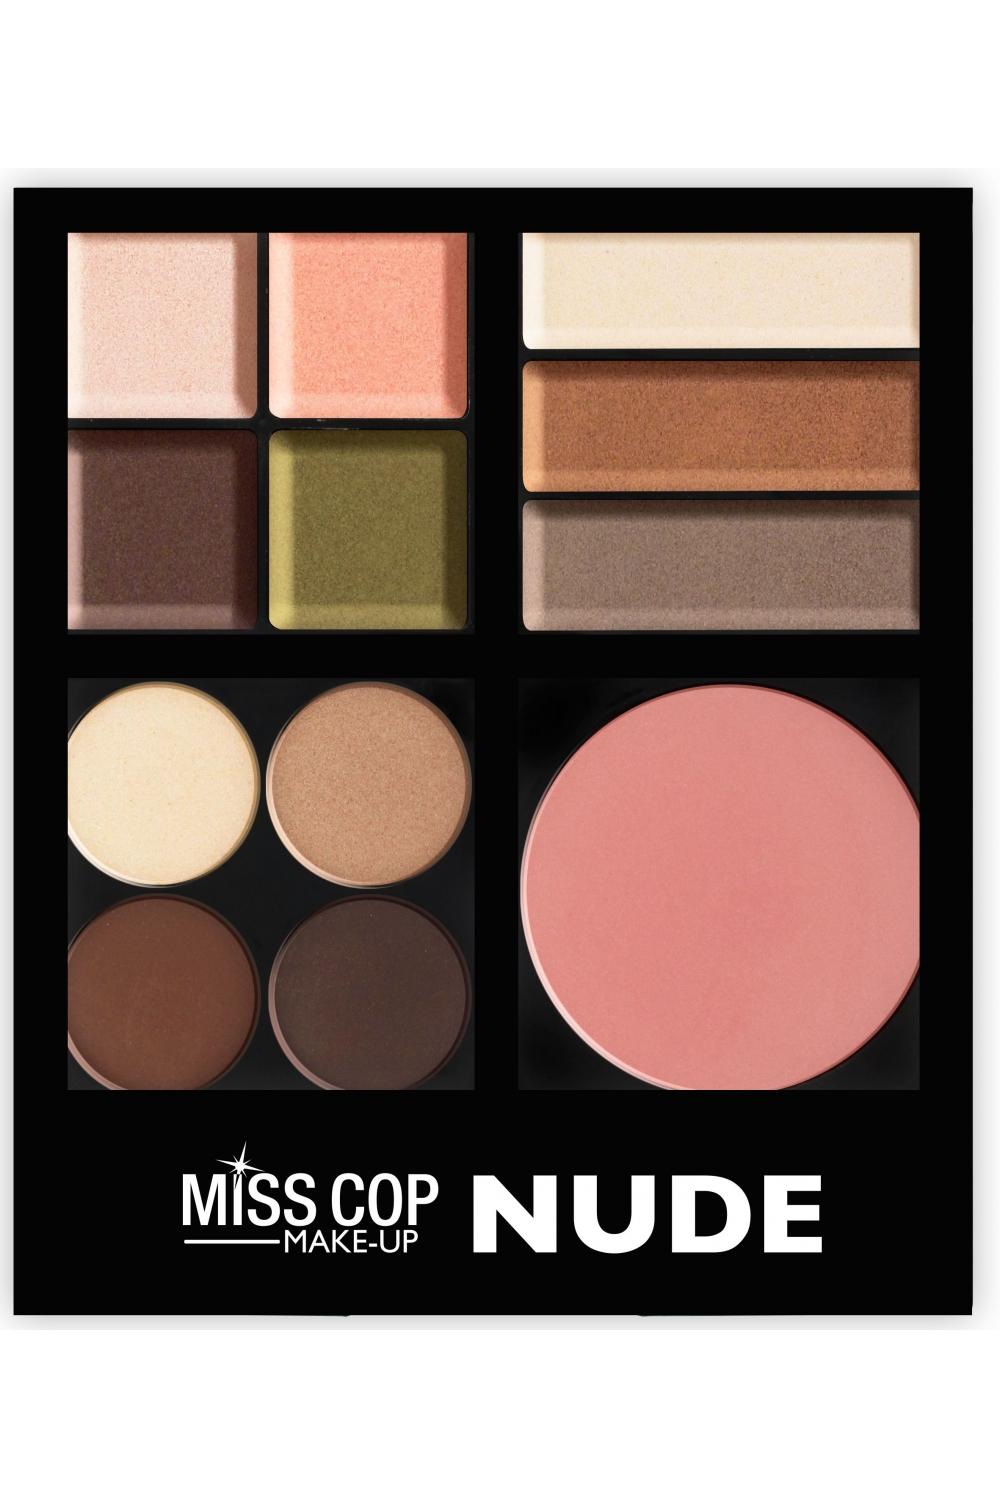 nude makeup palette misscop. Black Bedroom Furniture Sets. Home Design Ideas